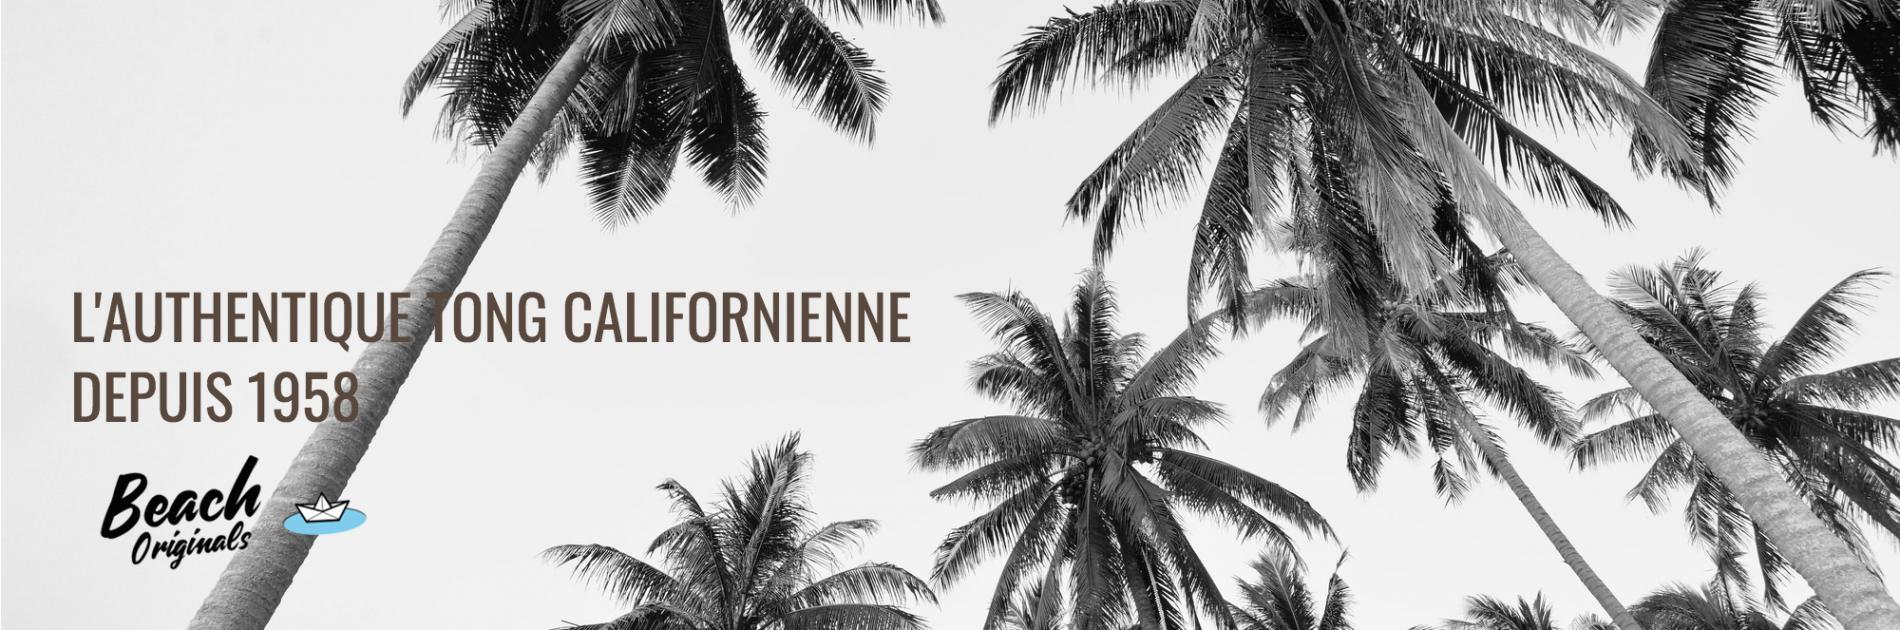 page d'accueil bureau Beach Originals sur fond de palmiers, texte couleur chocolat et logo